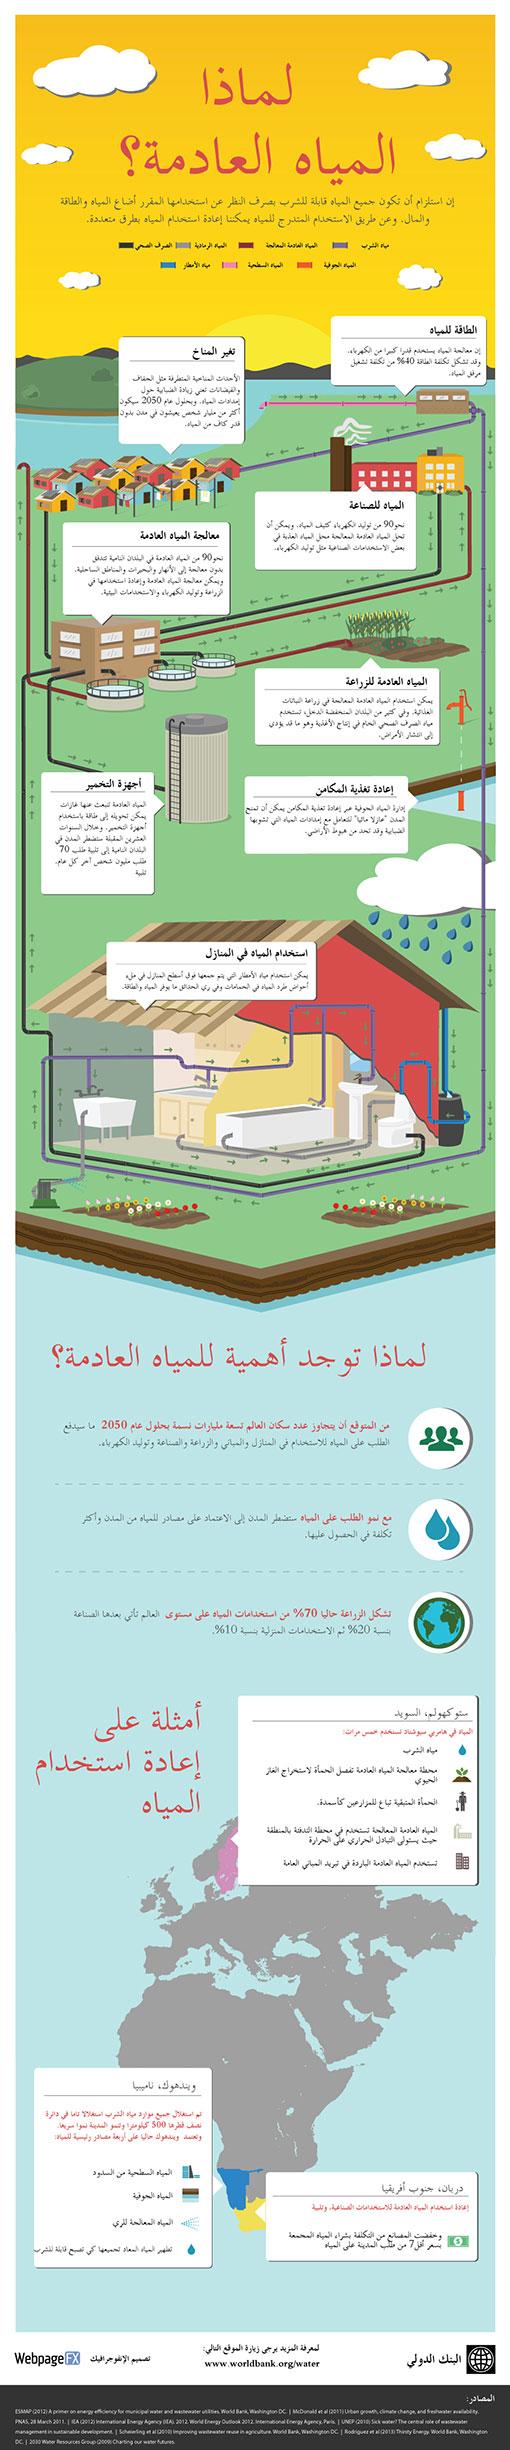 اليوم العالمي للمياه 22 مارس ... انفوغرافيا حول موضوع: لماذا المياه العادمة؟ Infogr10